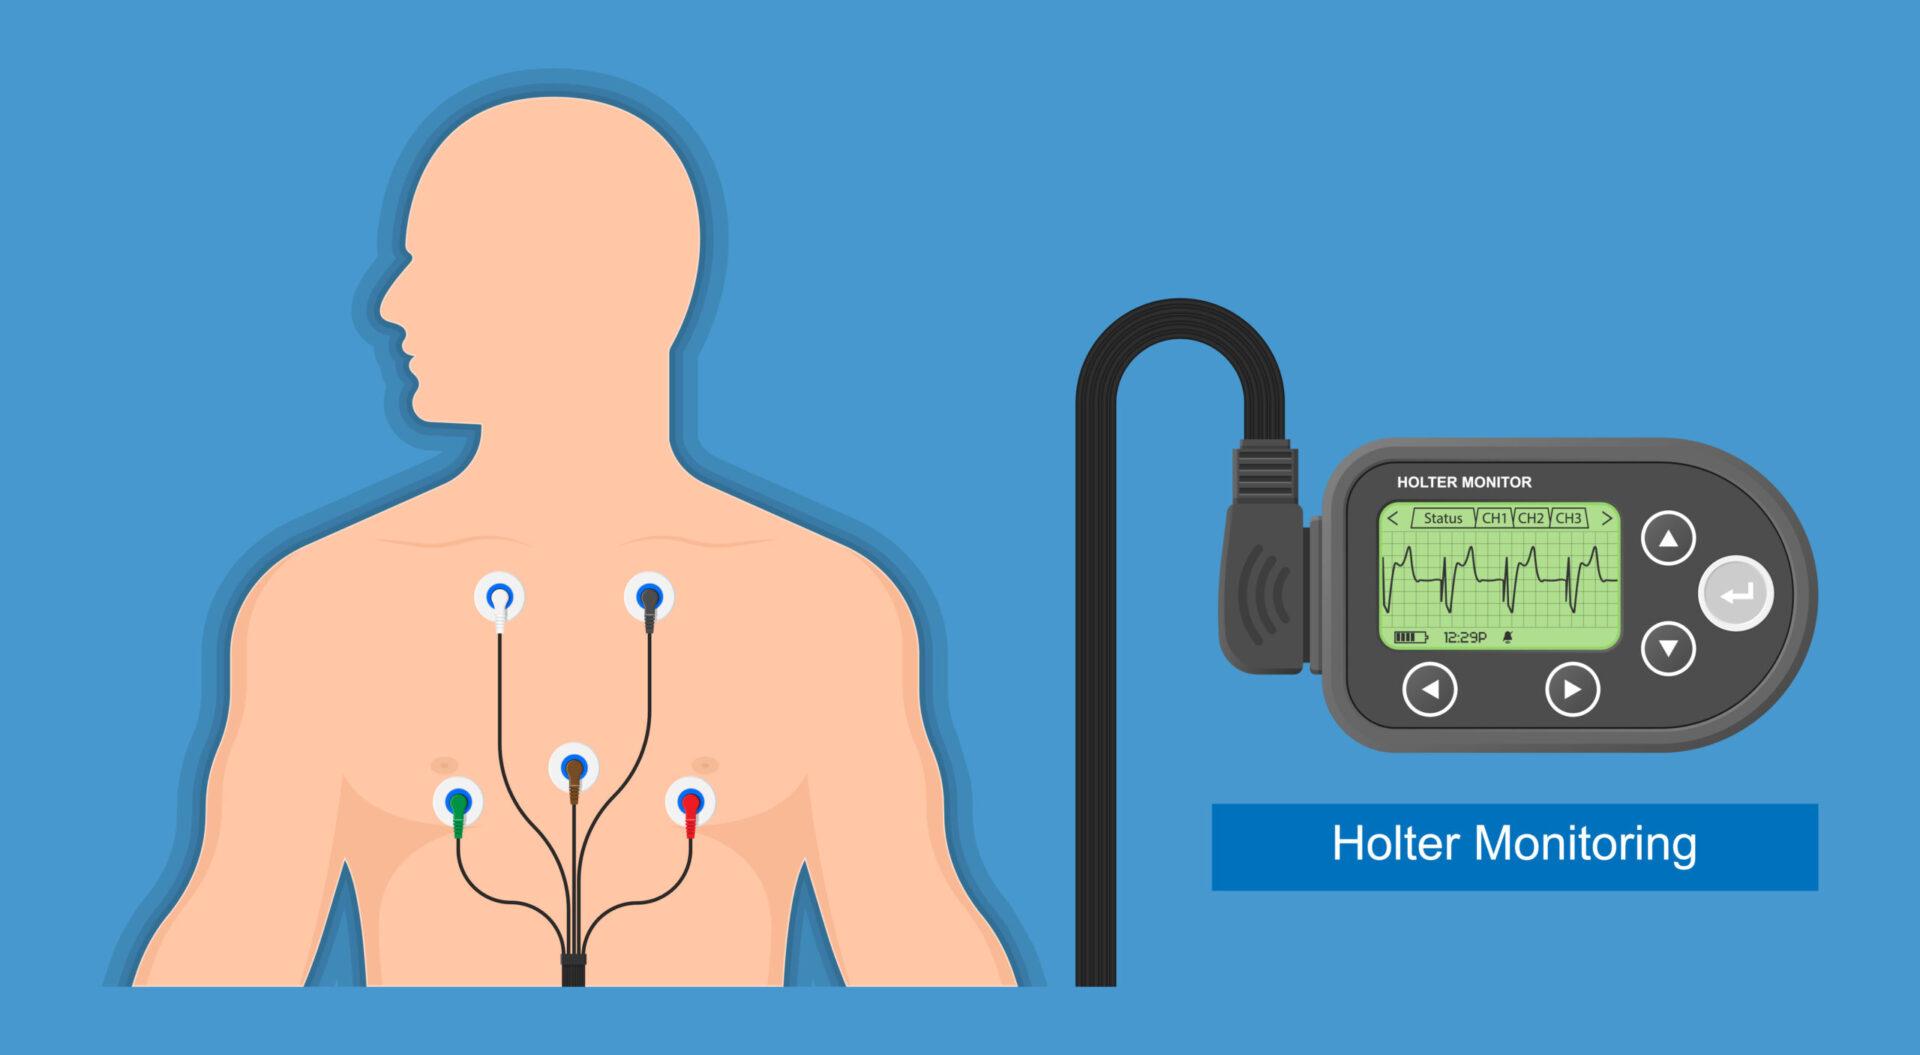 Ghidul de hipertensiune arterială recomandă ca în cazul în care se identifică o tensiune arterială de 140/90 mmHg sau mai mult, pacientul să fie supus unei verificări ale tensiunii arteriale acasă și în timpul activităților de zi cu zi.